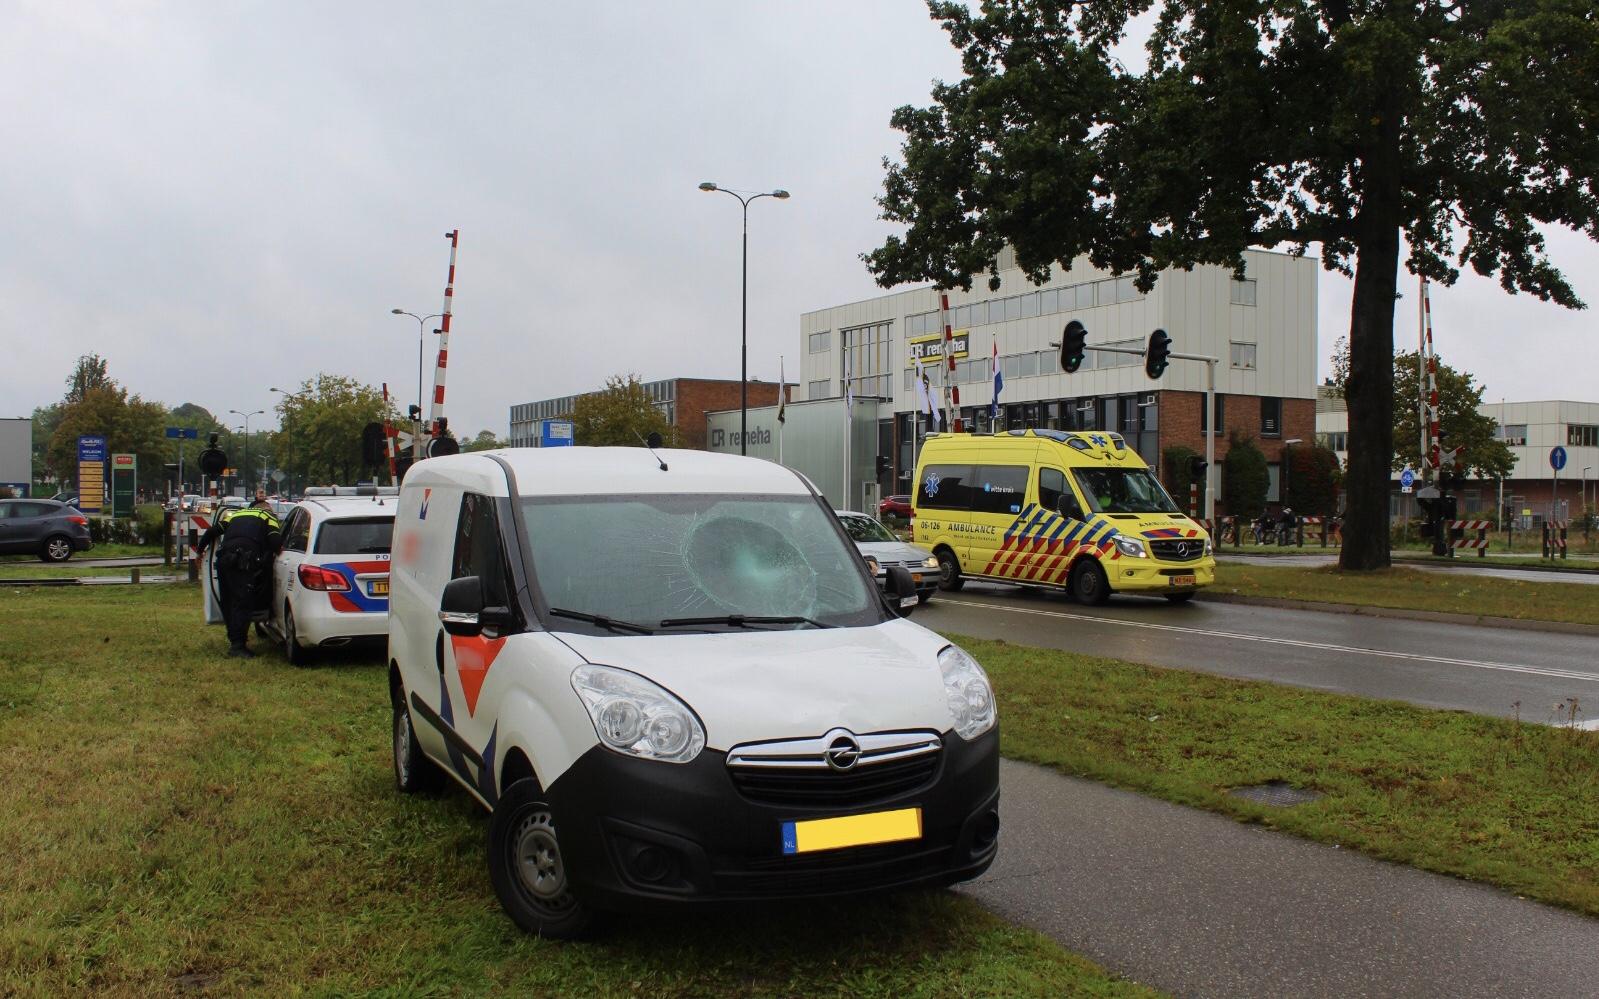 Fietser gewond bij aanrijding met bestelauto op de Marchantstraat in Apeldoorn.